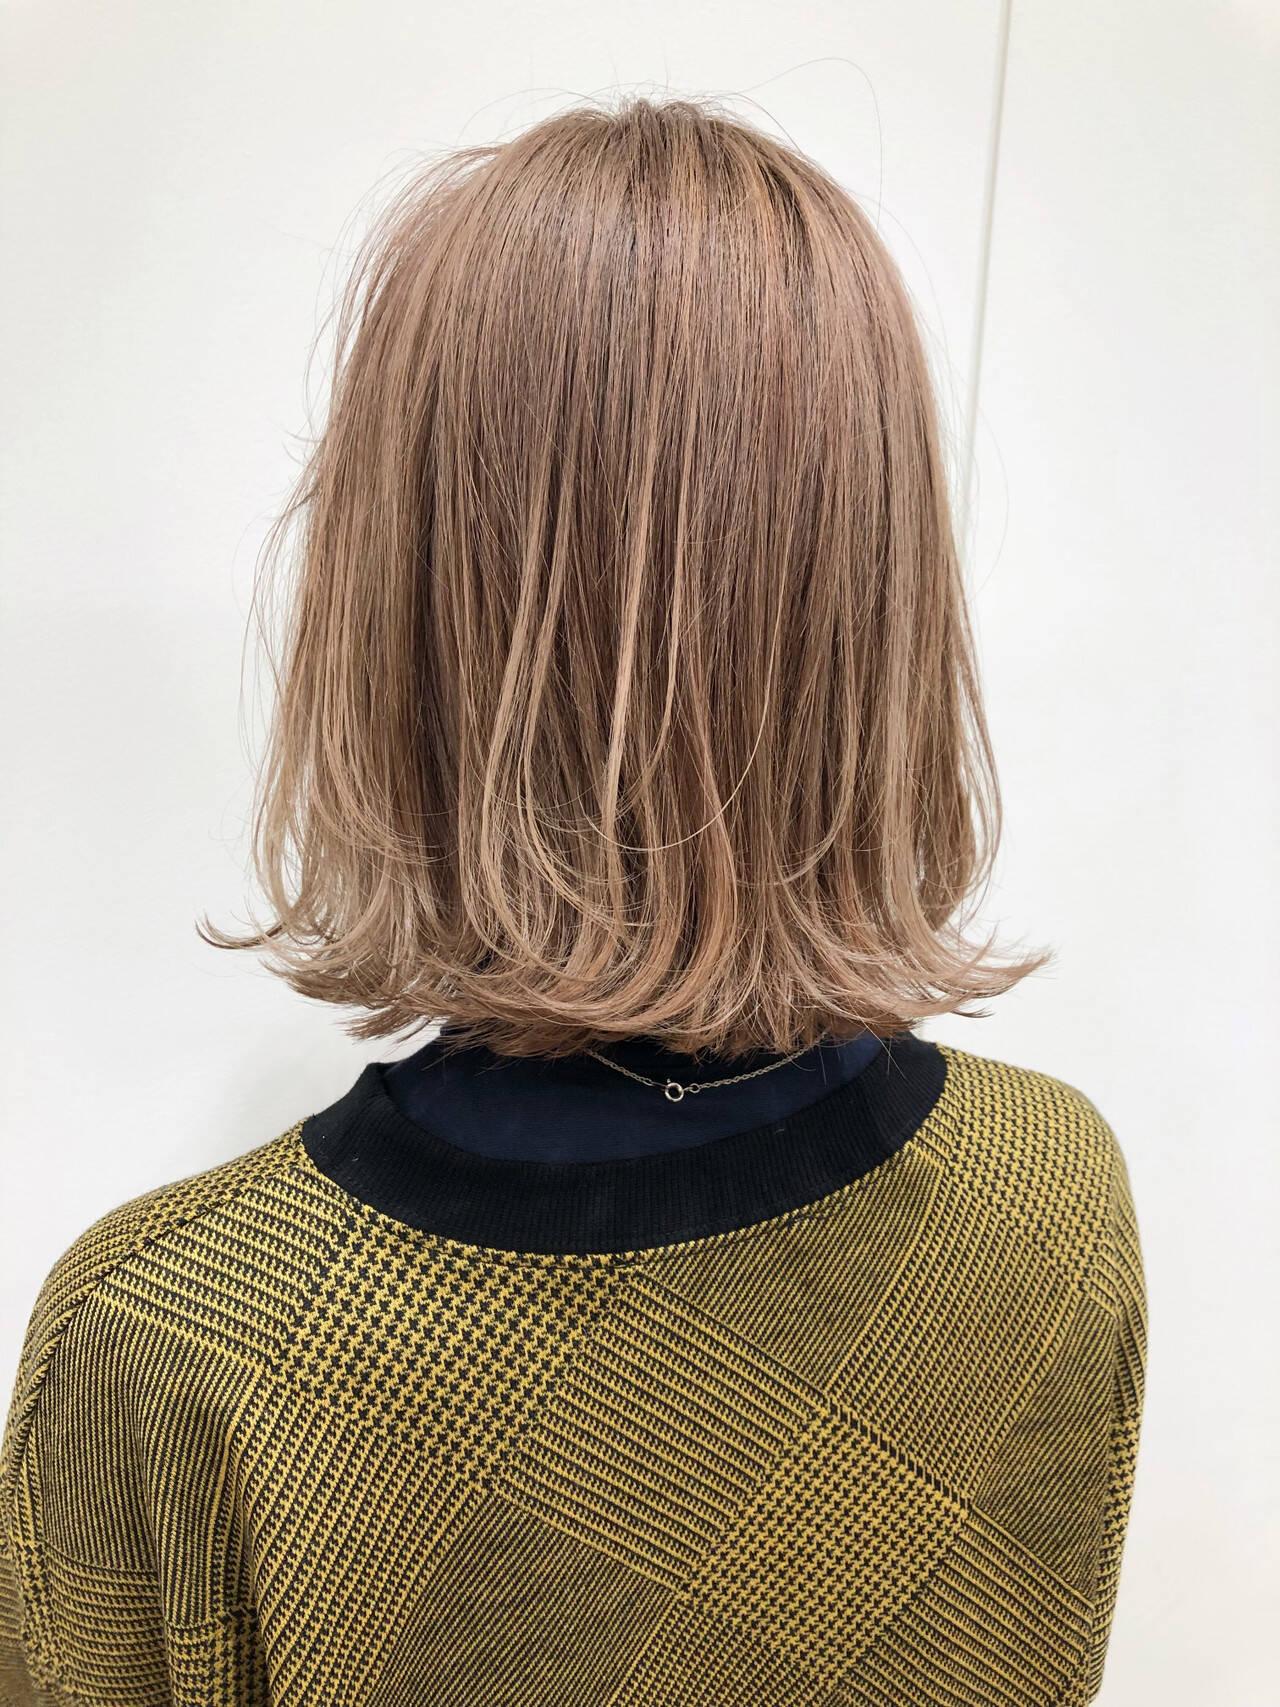 透明感 ブリーチ フェミニン ブリーチオンカラーヘアスタイルや髪型の写真・画像